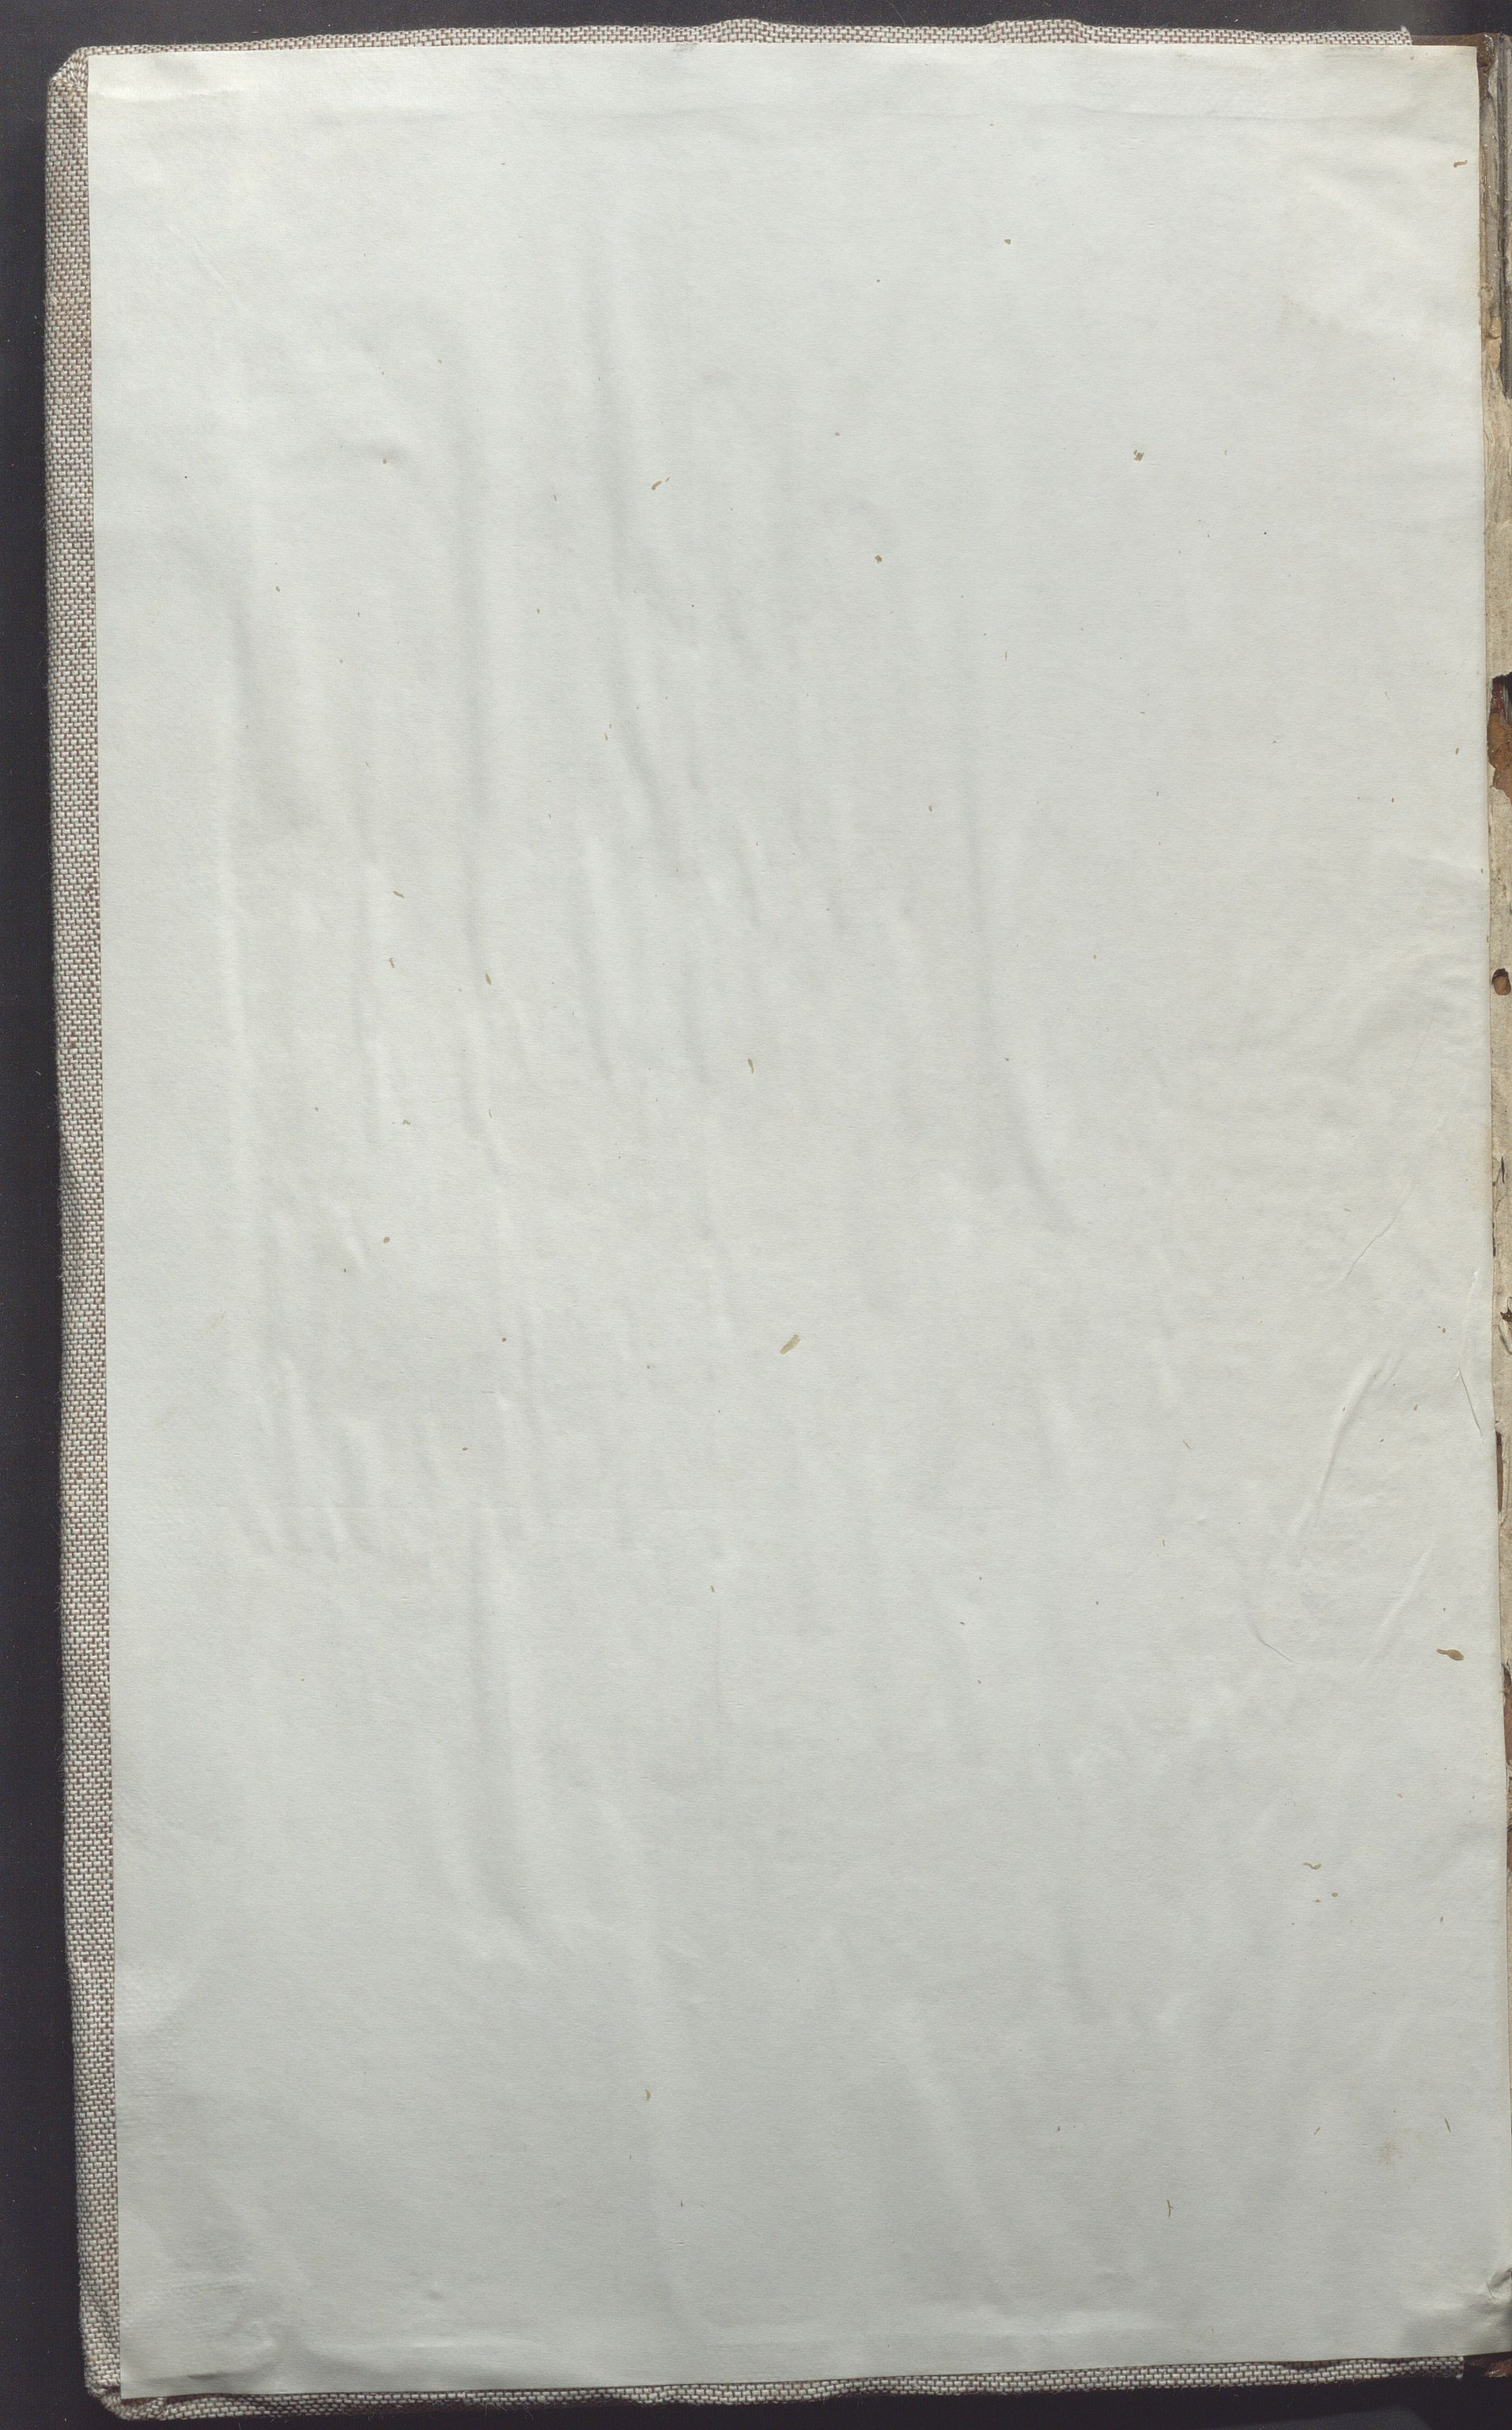 IKAR, Suldal kommune - Formannskapet/Rådmannen, A/Aa/L0001: Møtebok, 1837-1876